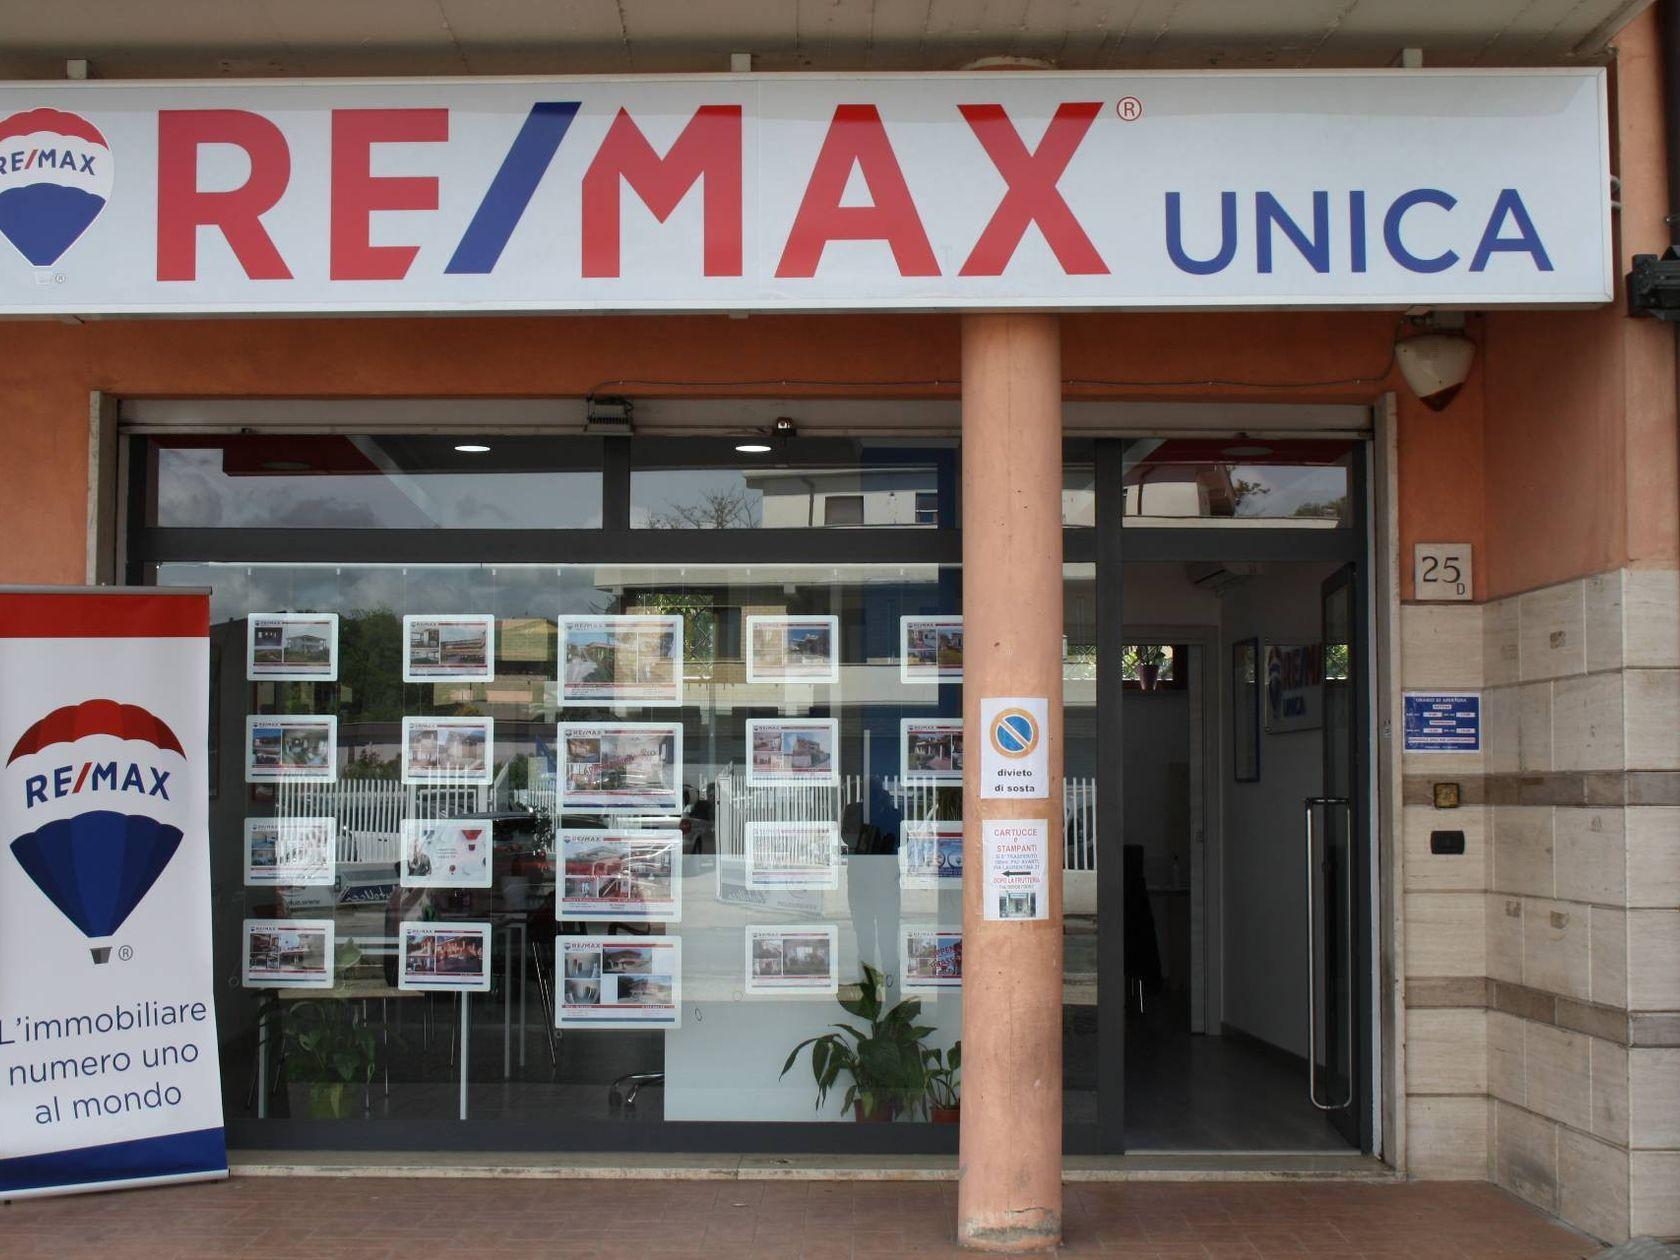 RE/MAX Unica Ardea - Foto 2